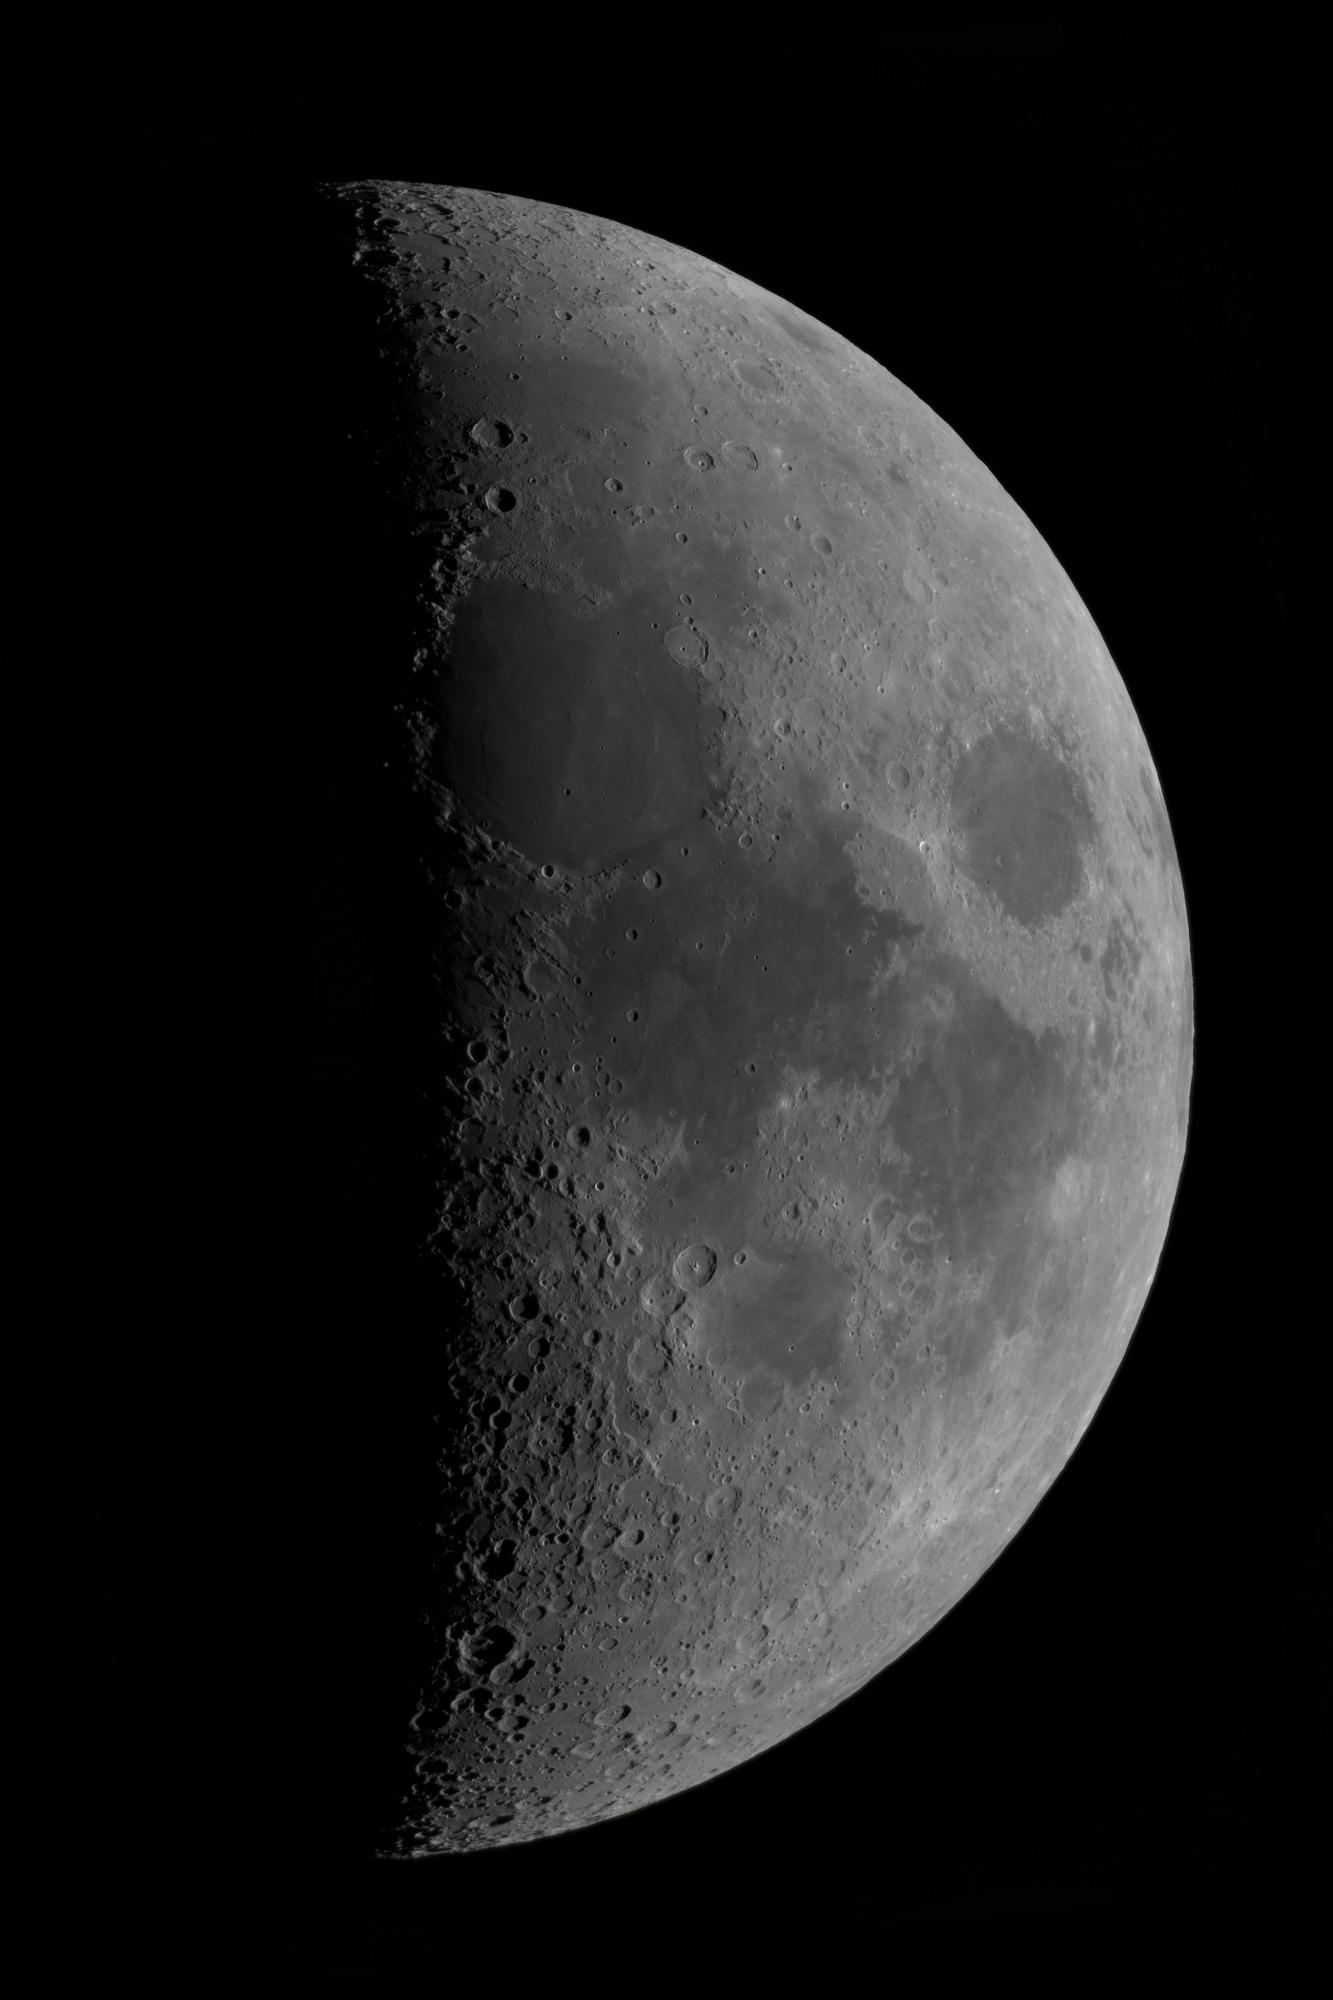 L_Lune_031219_100ed-ASI178-G_PPV2.thumb.jpg.59b3c478a1cfb6b1cd5378ae0eed26f7.jpg